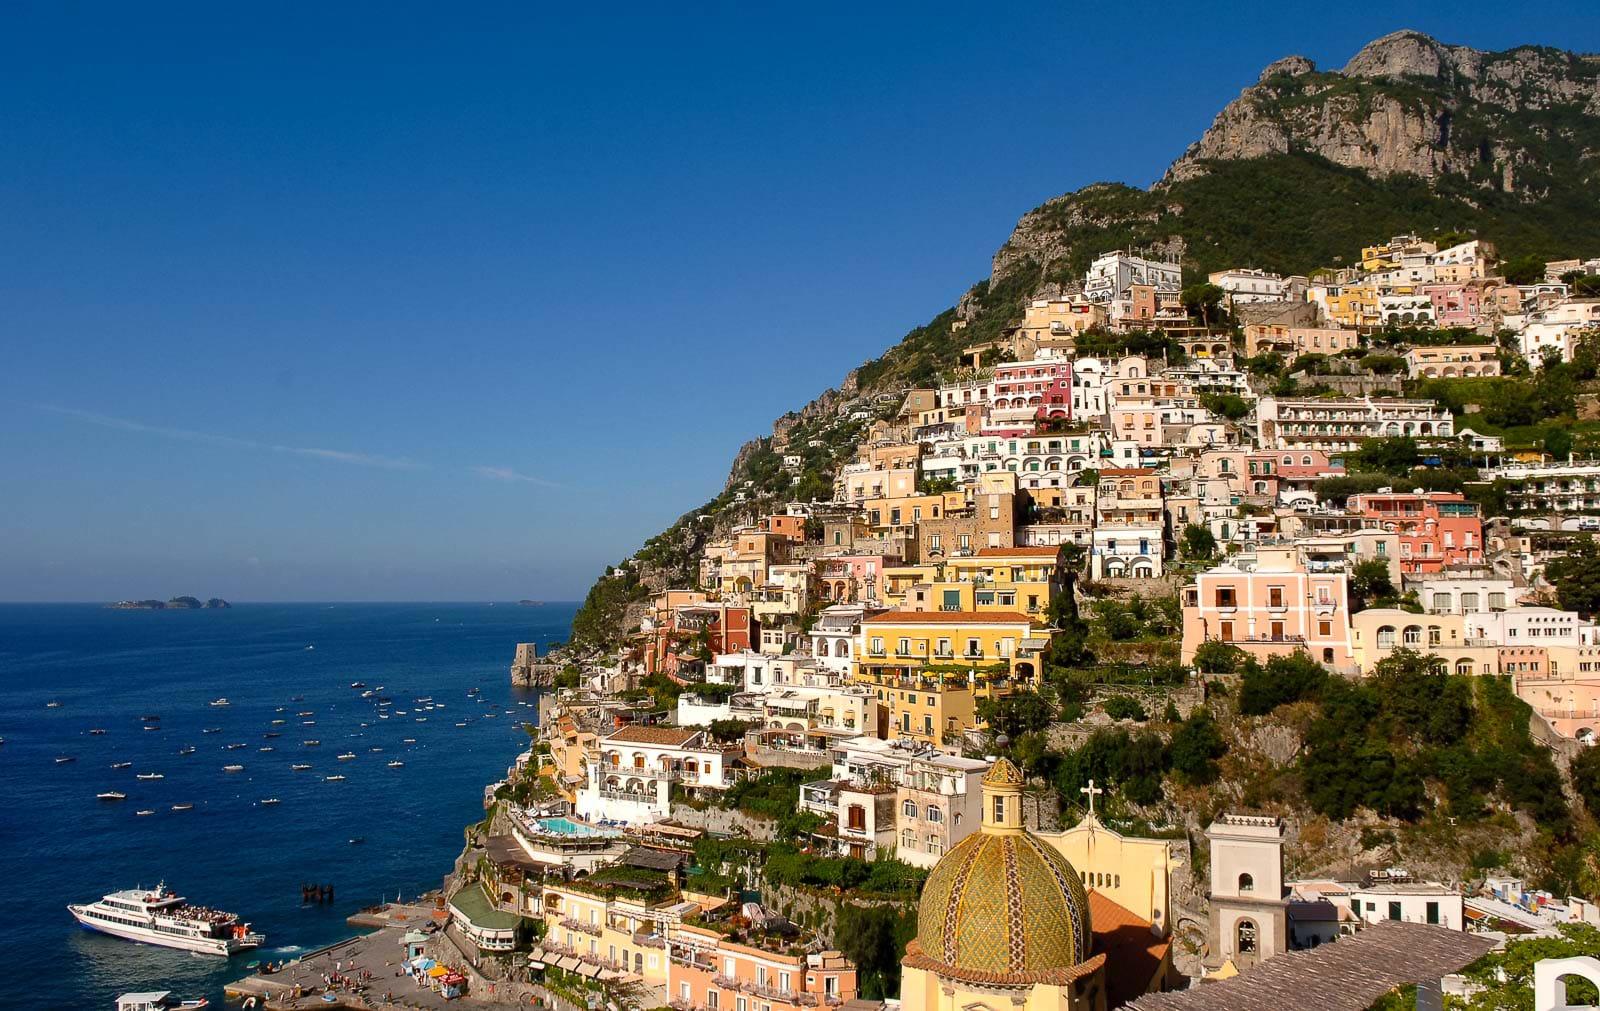 Amalfi Coast Campania - Amalfi Coast